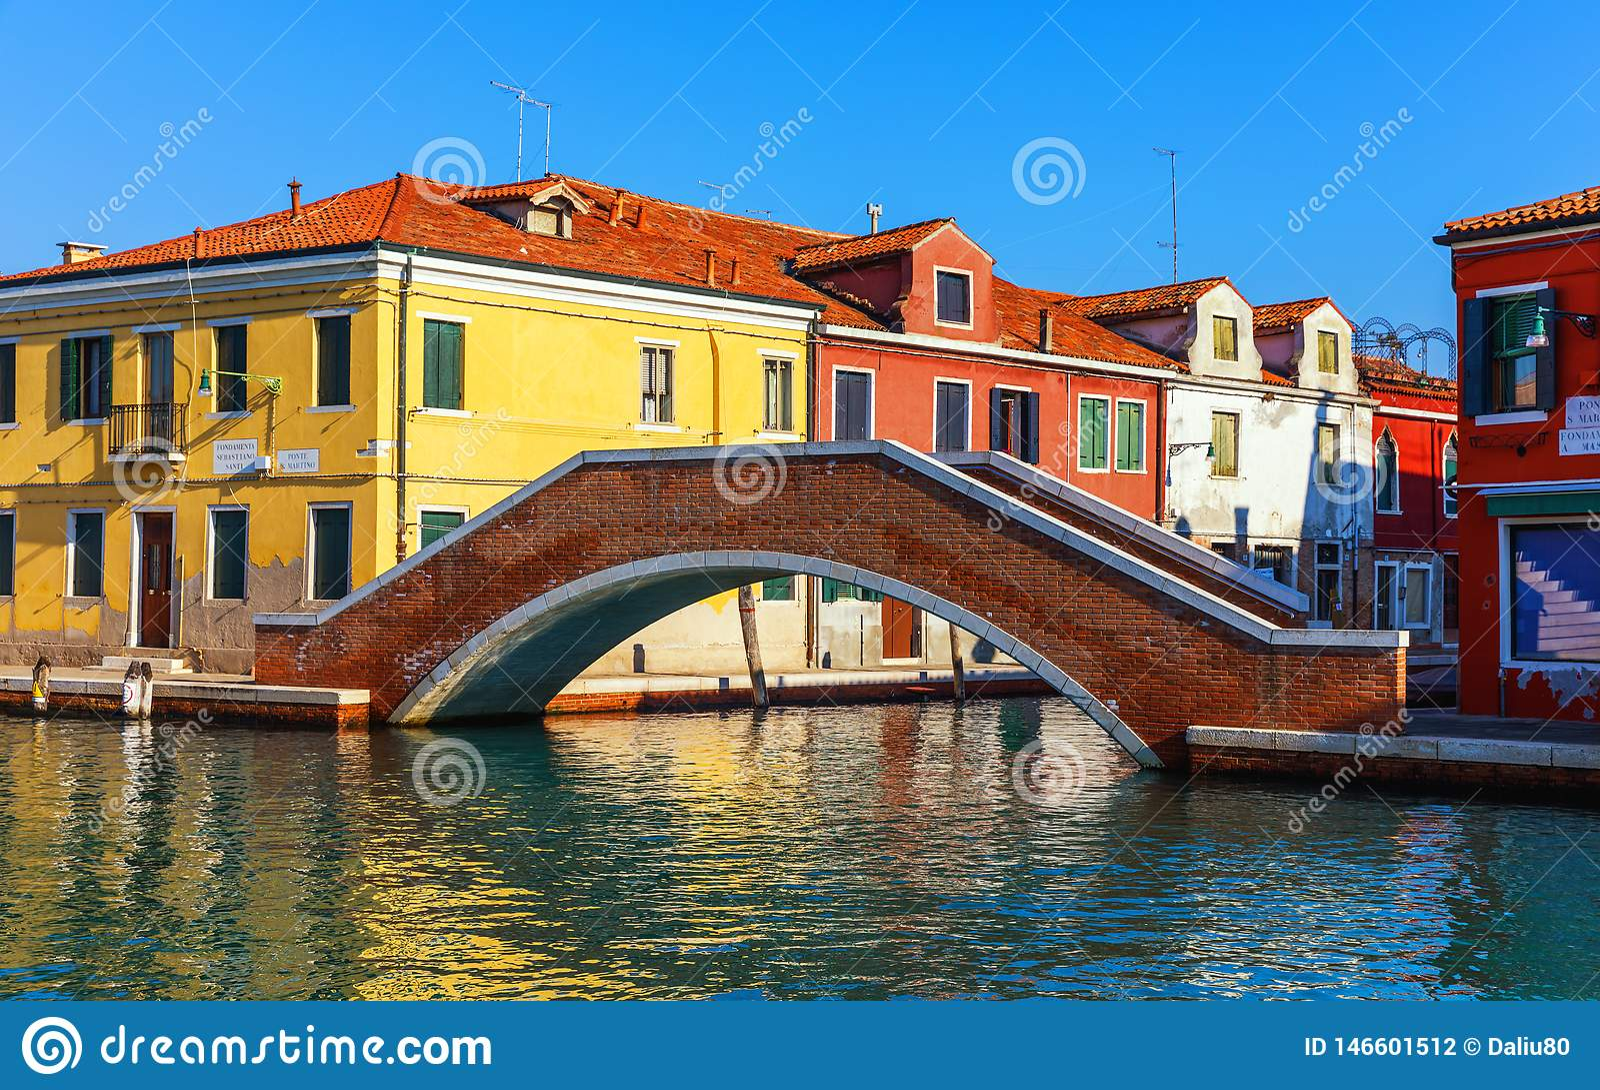 ?le de fabrication de verre de Murano, canal de l eau, pont, bateau et b?timents traditionnels Venise ou Venezia, Italie, l Europ